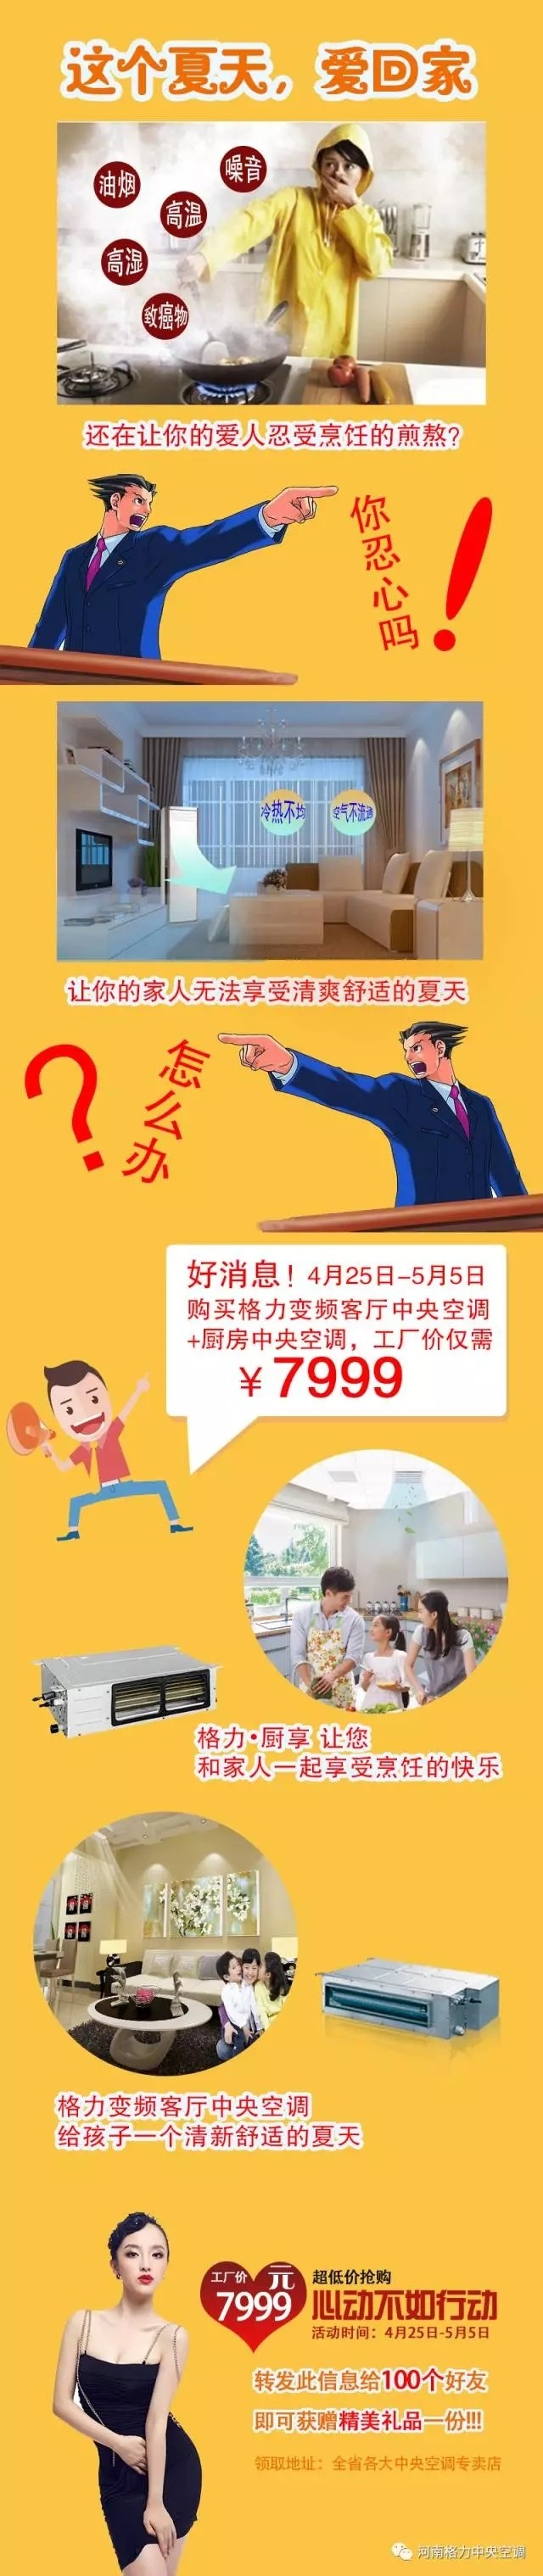 4月25日-5月5日,河南地区用户购买格力变频客厅中央空调+厨房中央空调